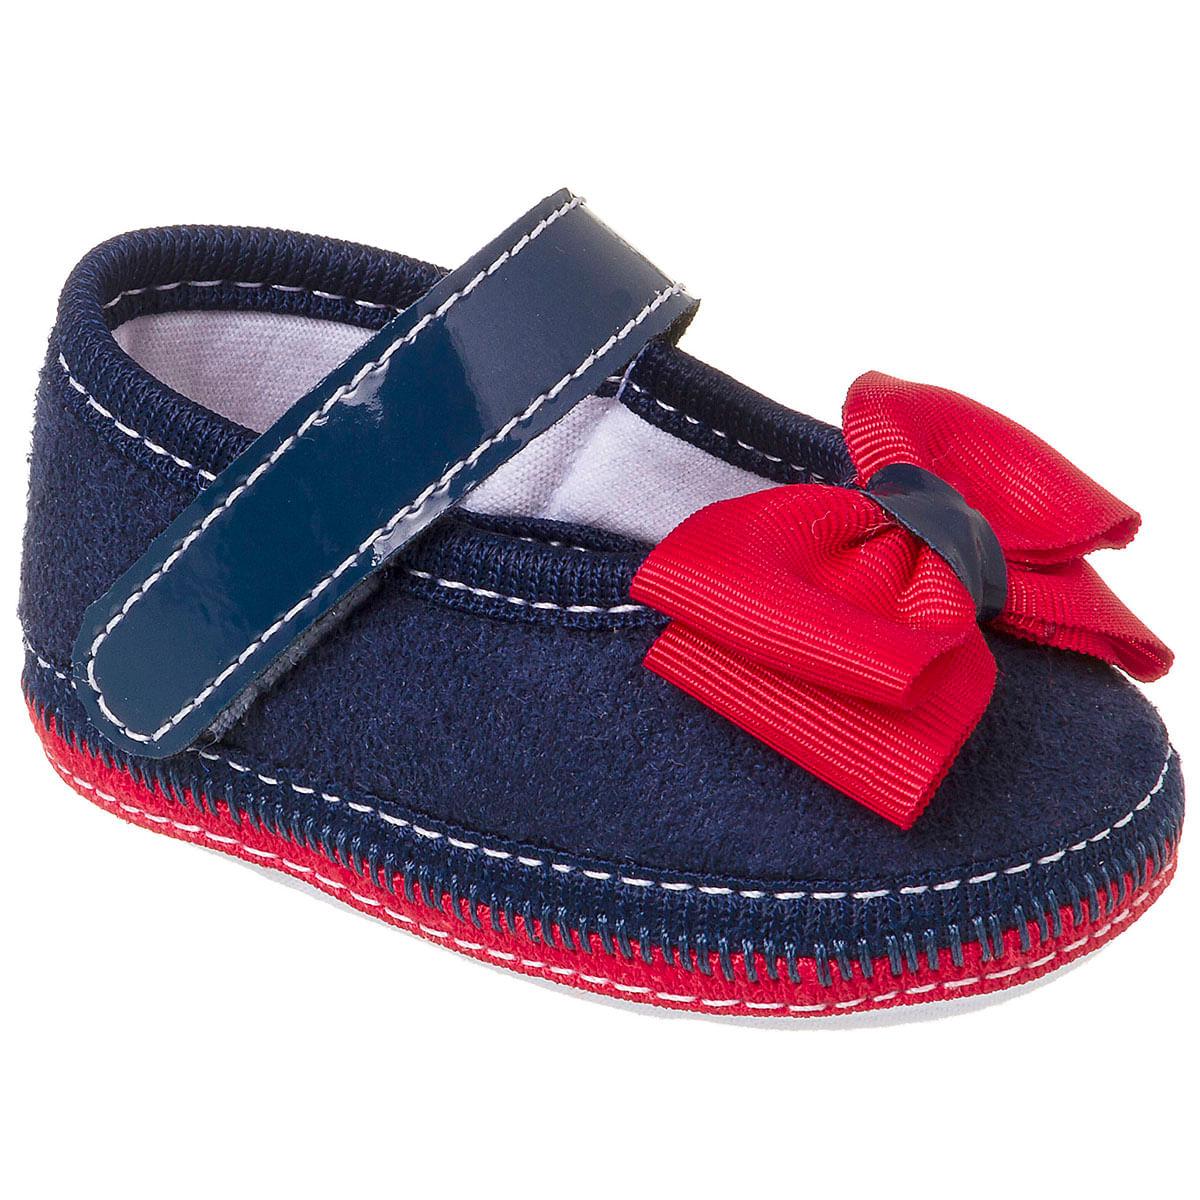 90b2d47cd Sapatilha para bebê Laço Navy - Keto Baby no Bebefacil, onde você encontra  tudo em roupas e enxoval para bebês - bebefacil